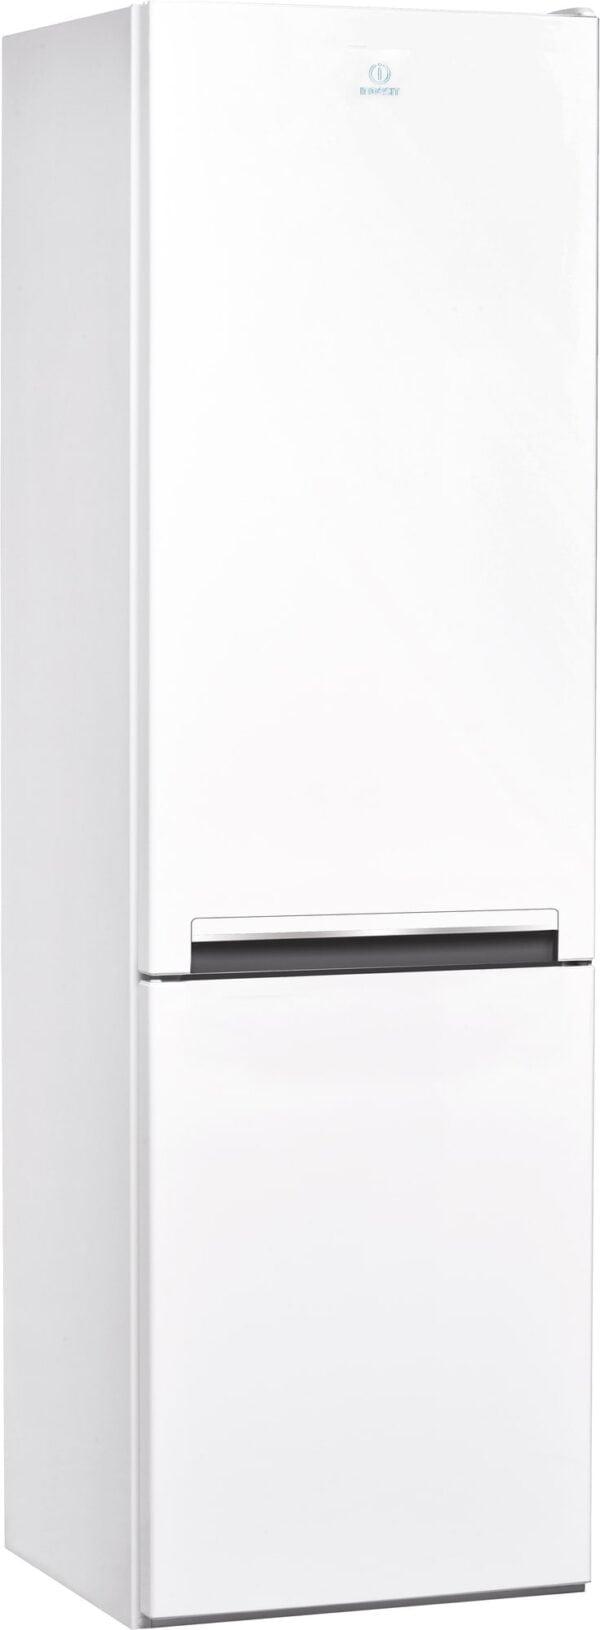 Indesit køleskab/fryser LI7S1EW (hvid)